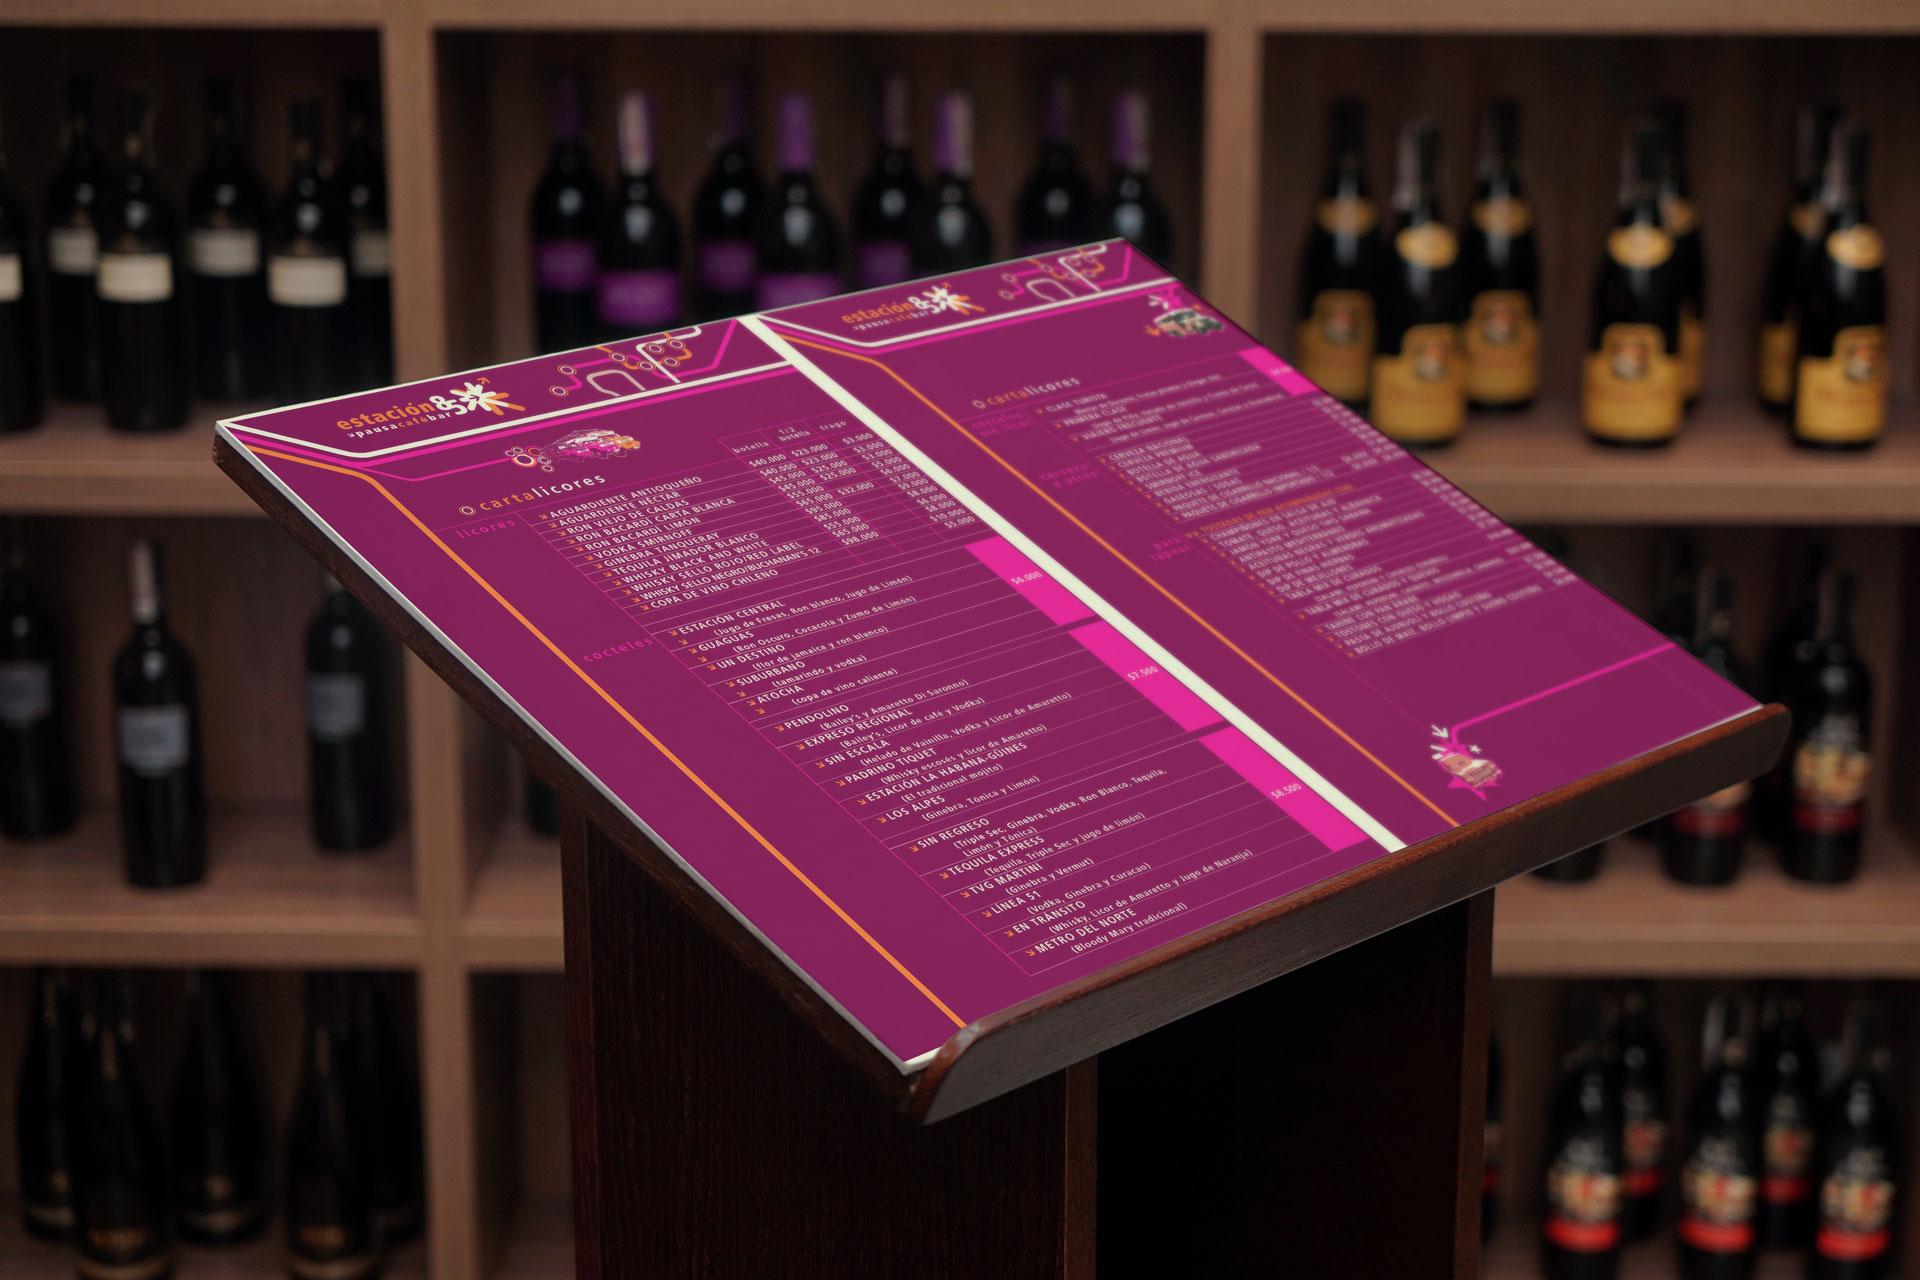 Diseño Carta de Licores Logotipo Fachada Restaurante Cafe Estación 85